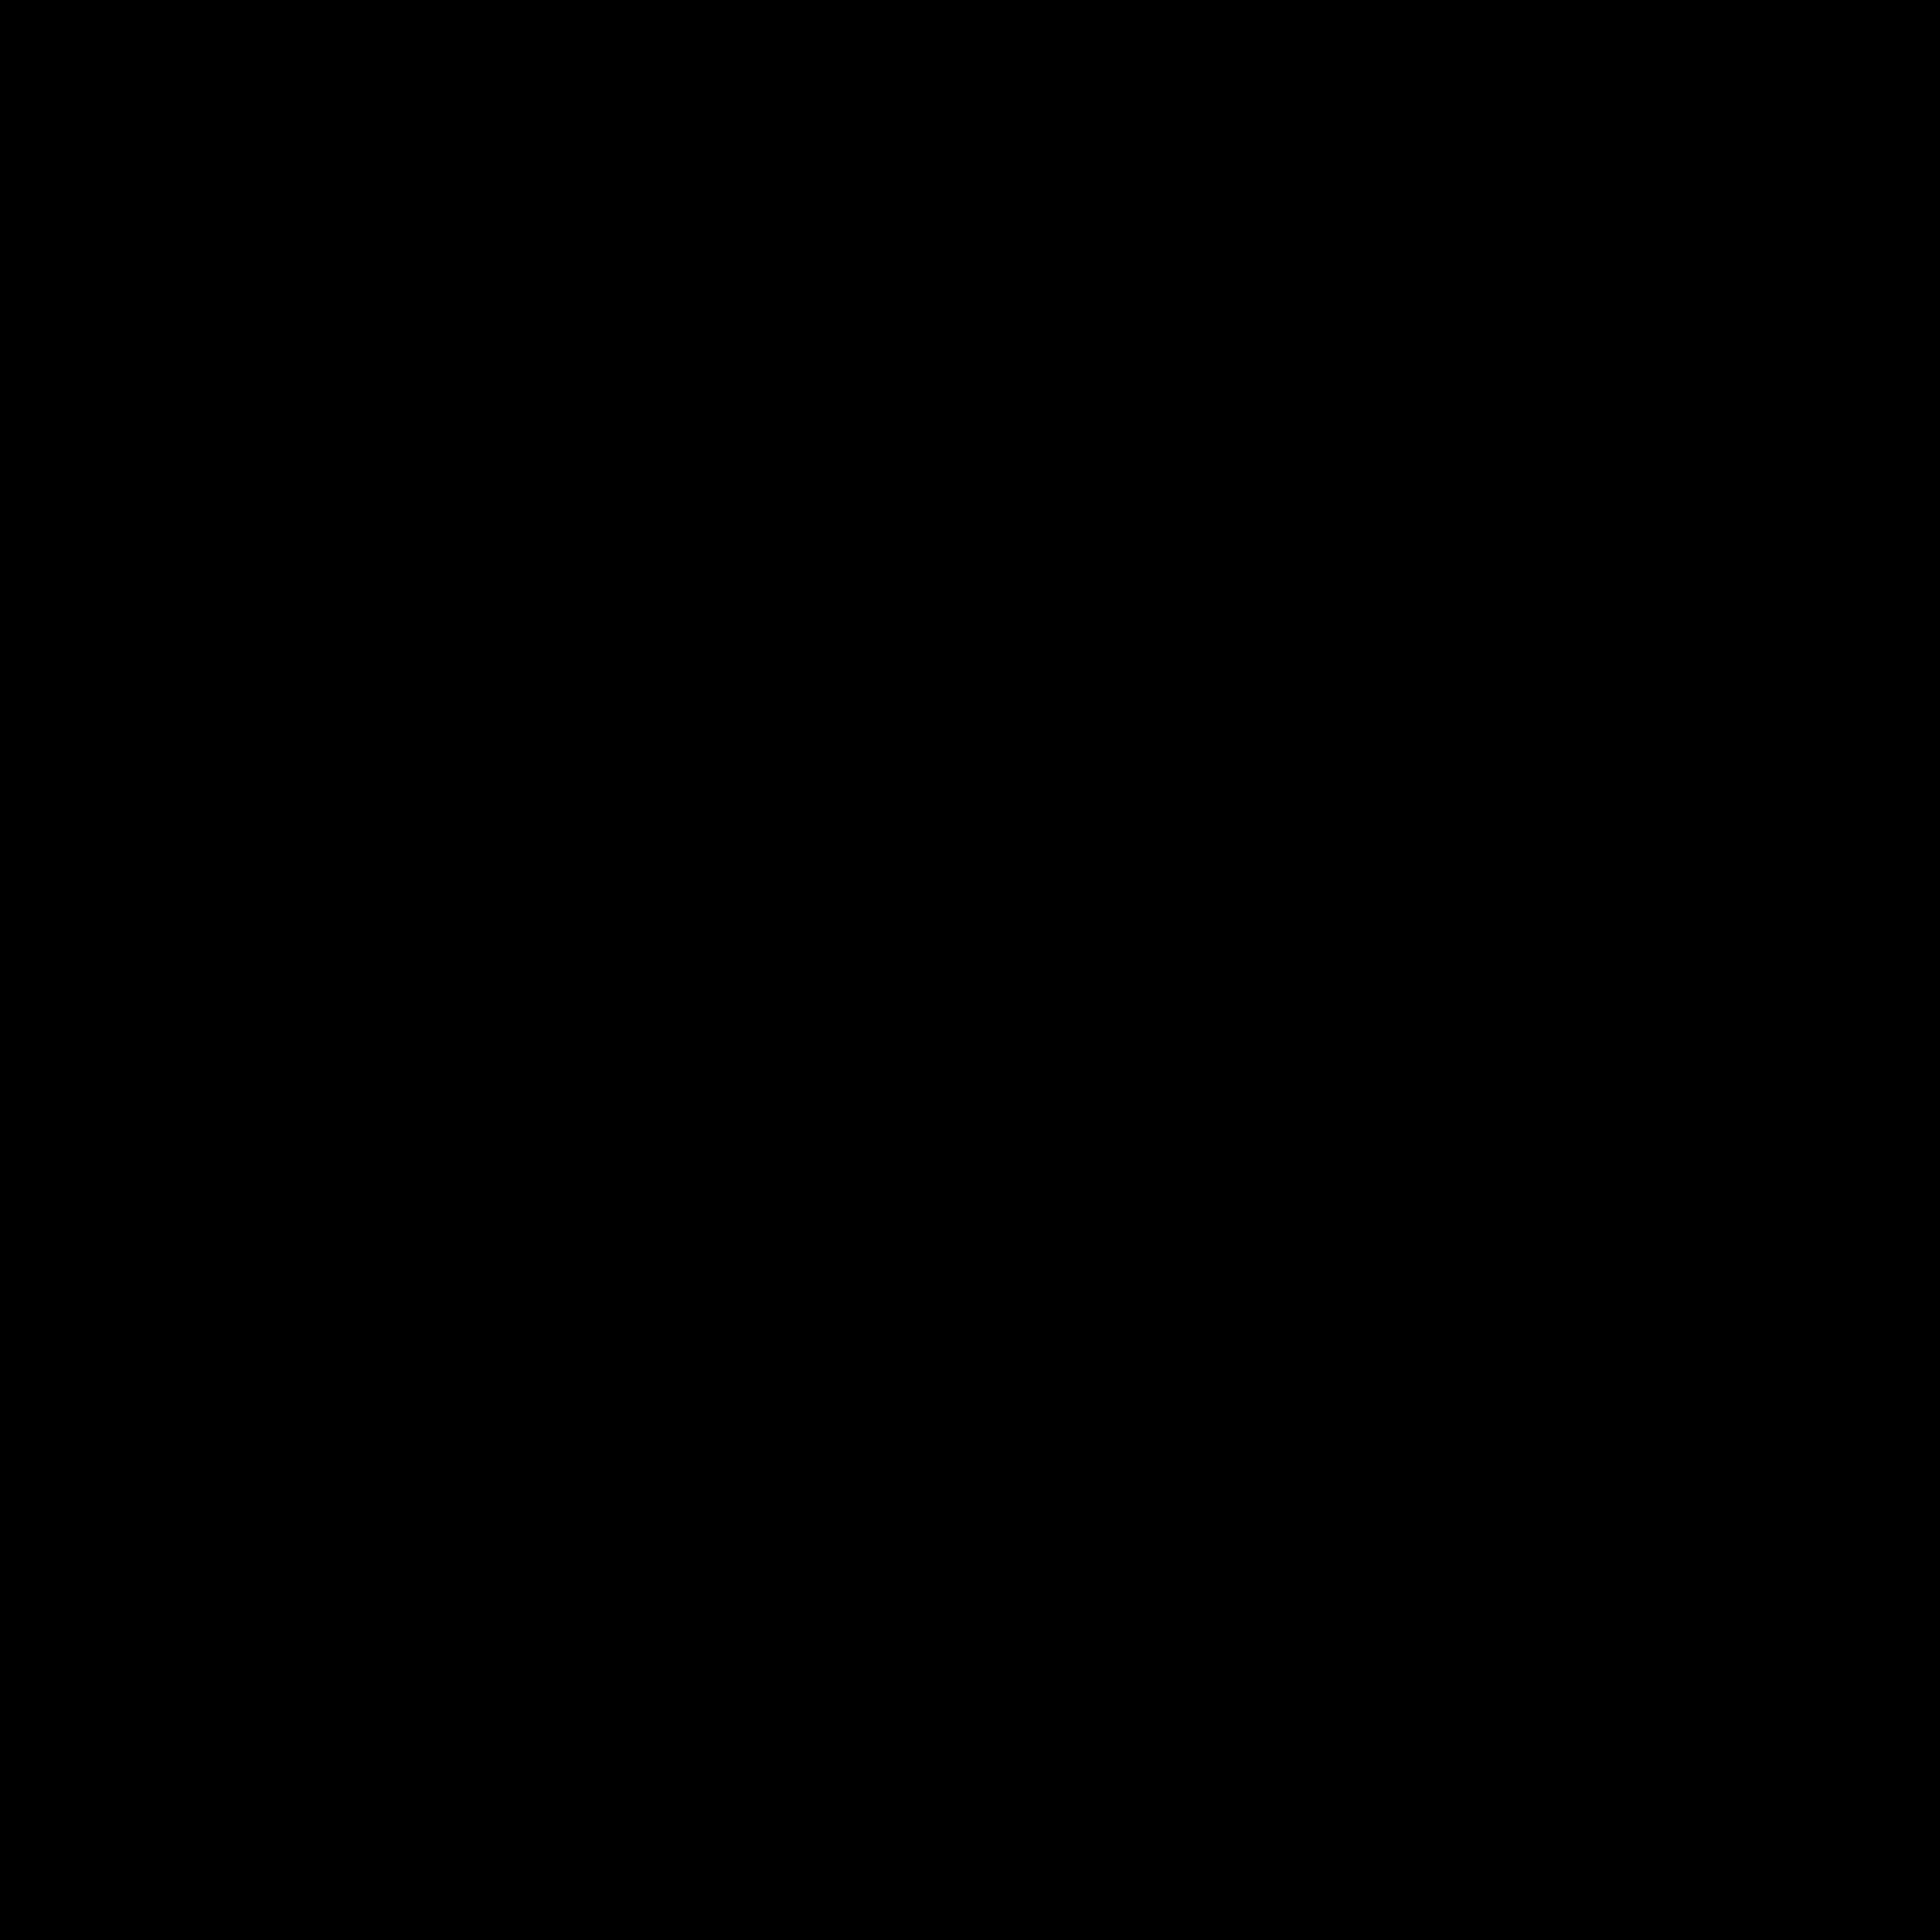 Brum-brum med sløyfe